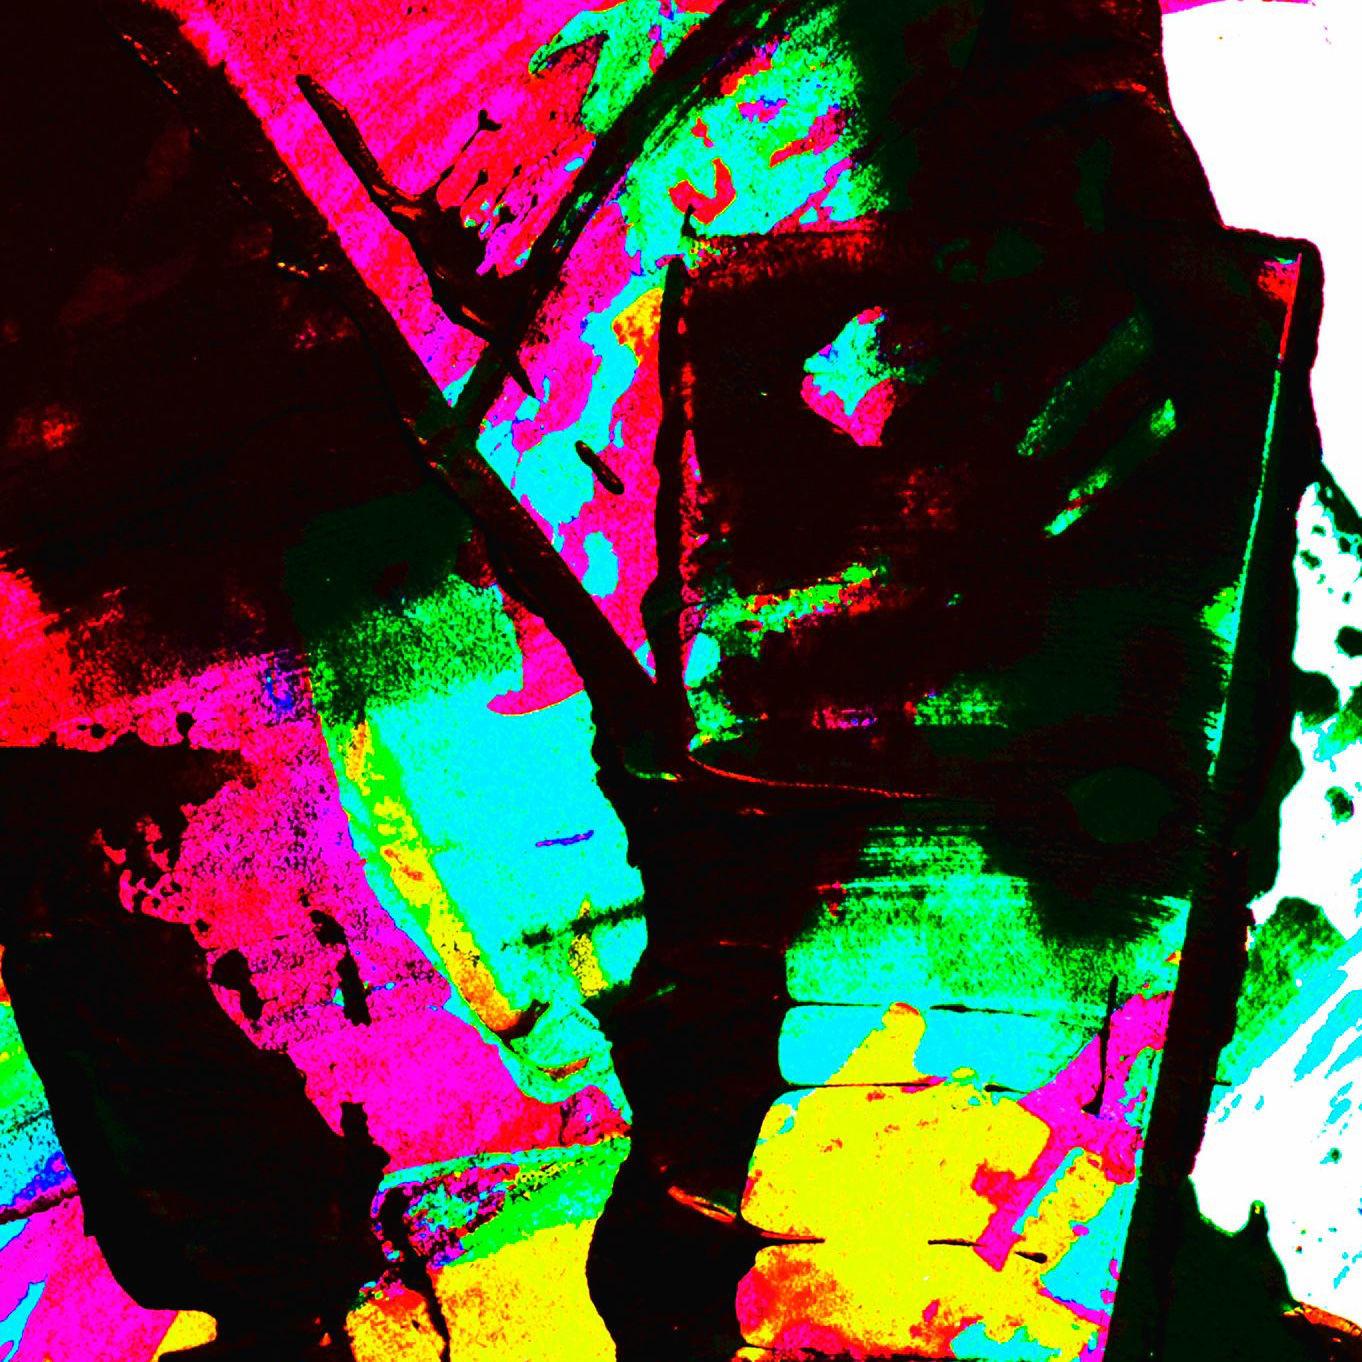 Immagine di Graffiti 05